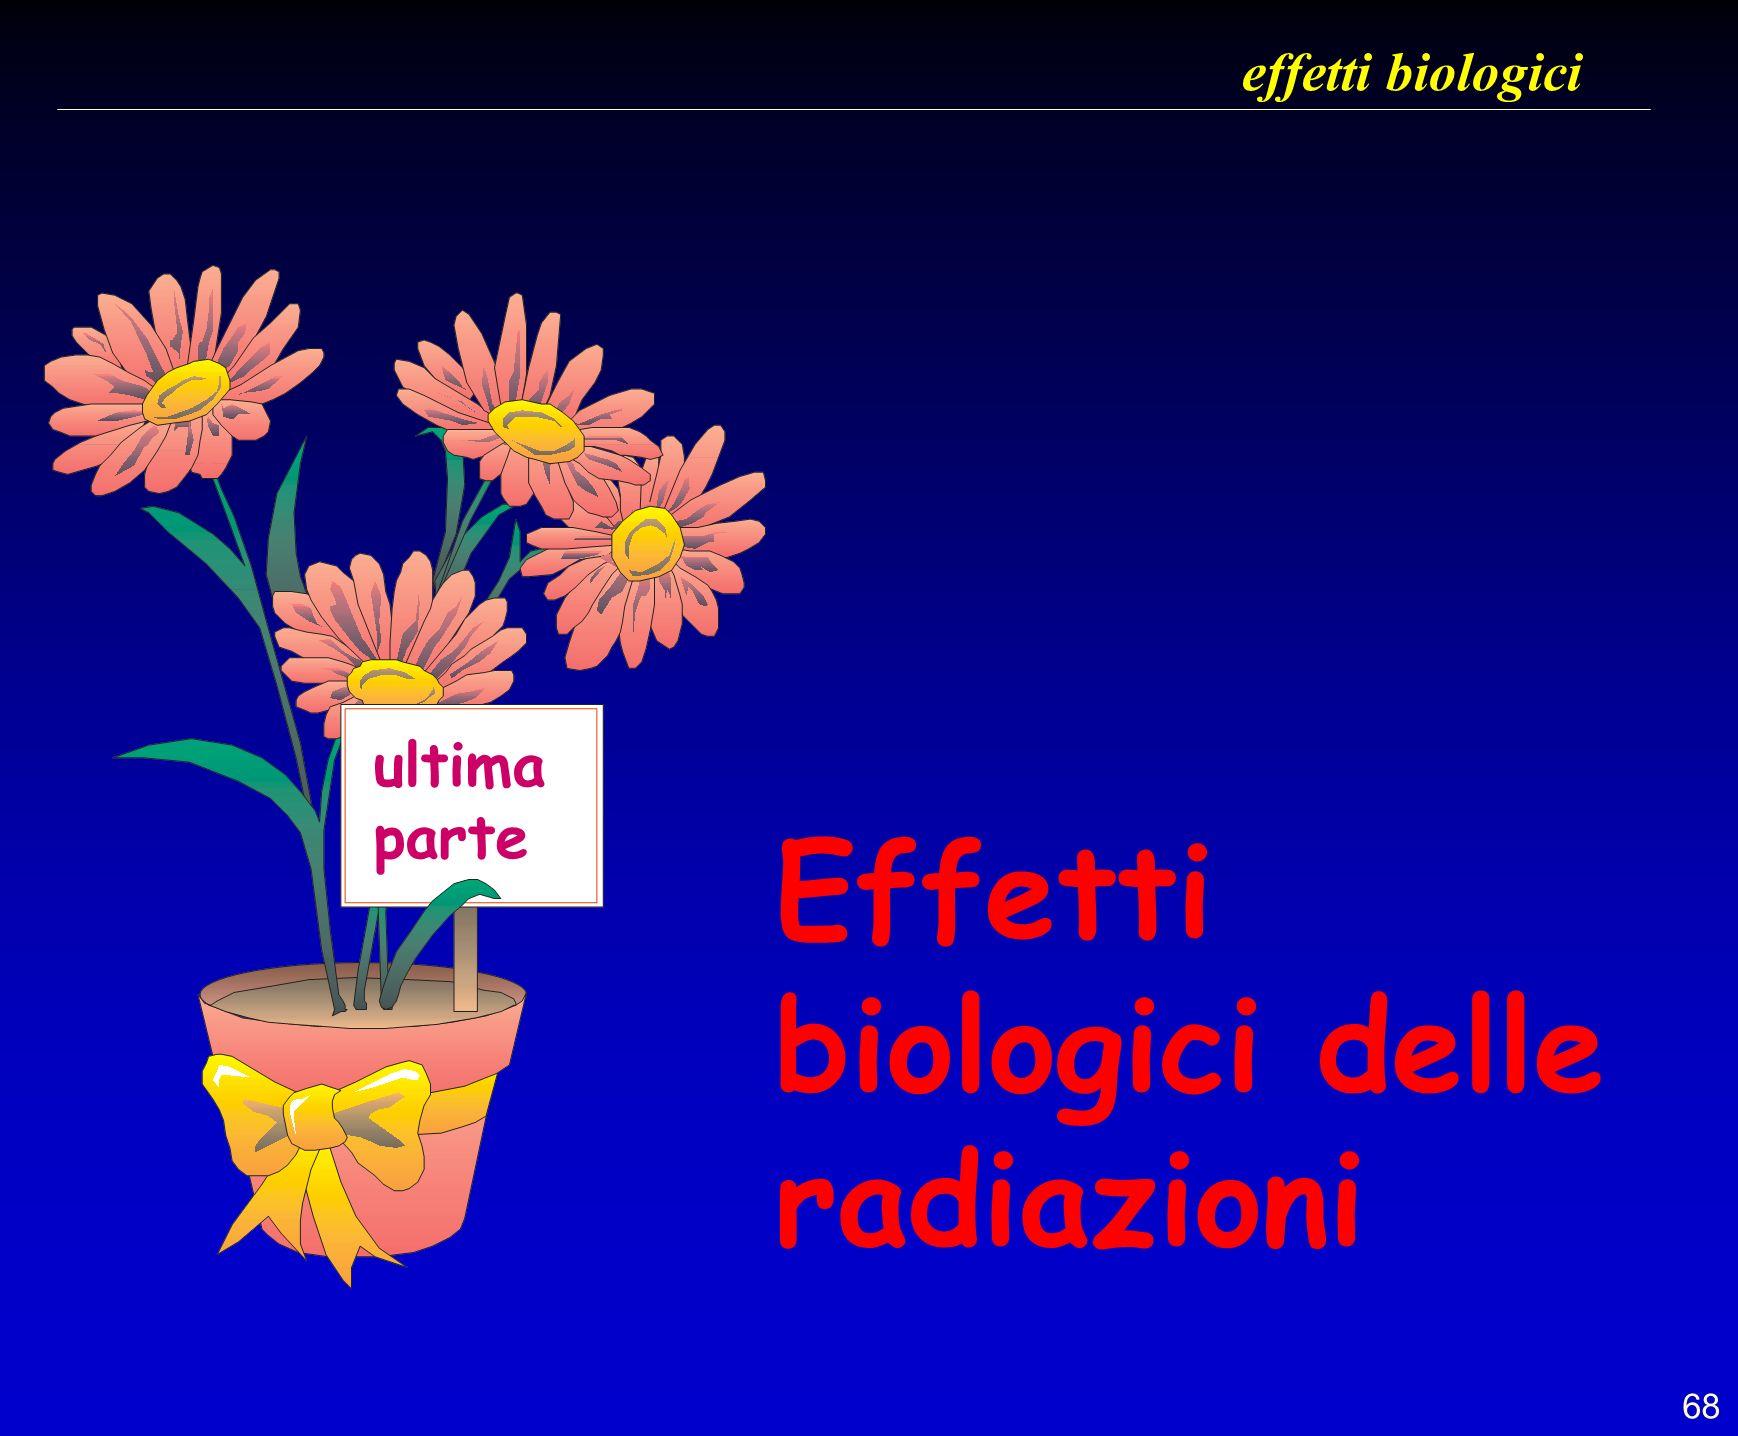 effetti biologici ultima parte Effetti biologici delle radiazioni